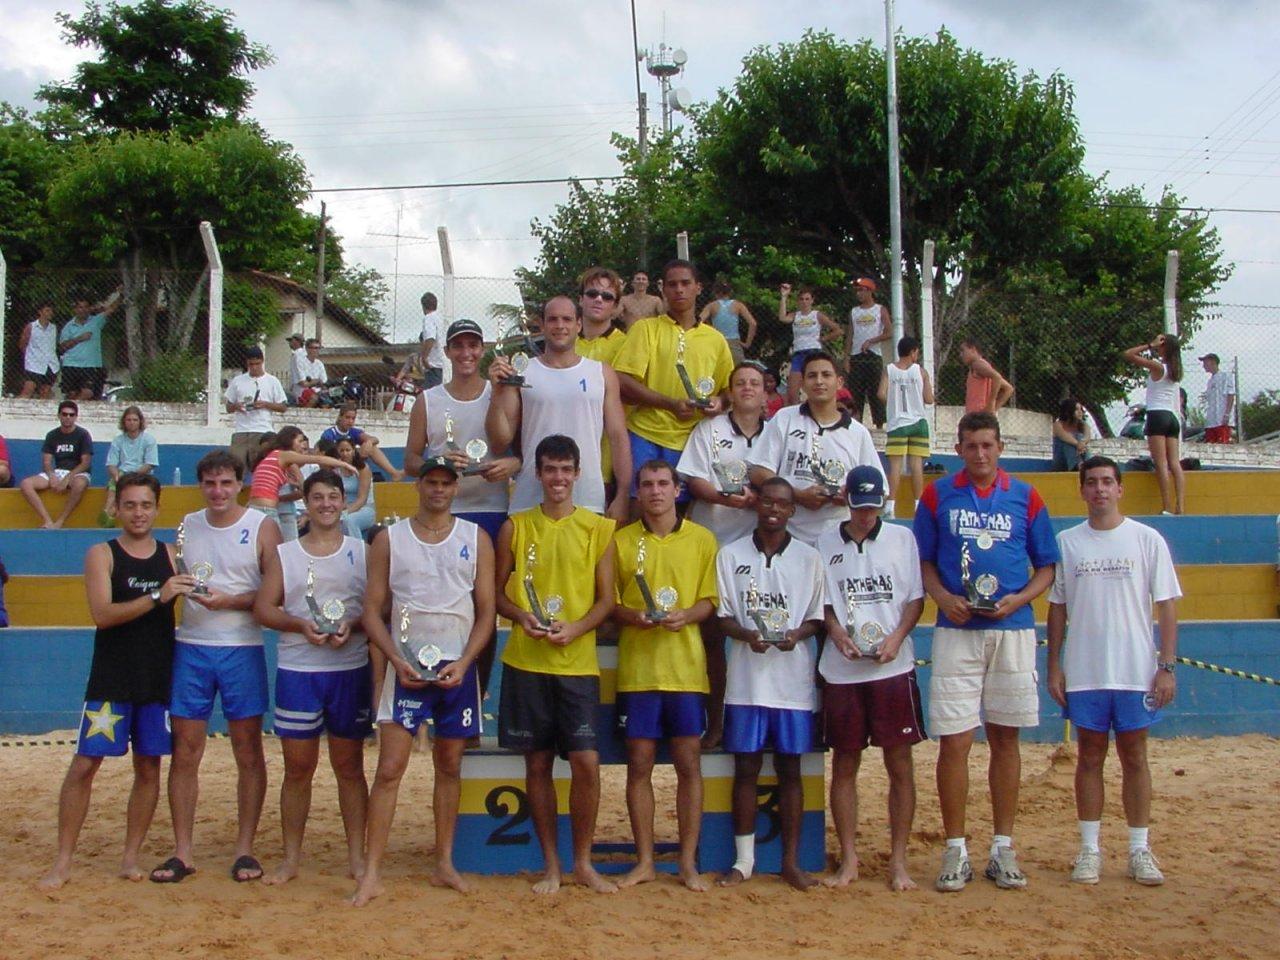 Quarteto vencedor do torneio com os demais classificados em 2º, 3º e 4º colocados